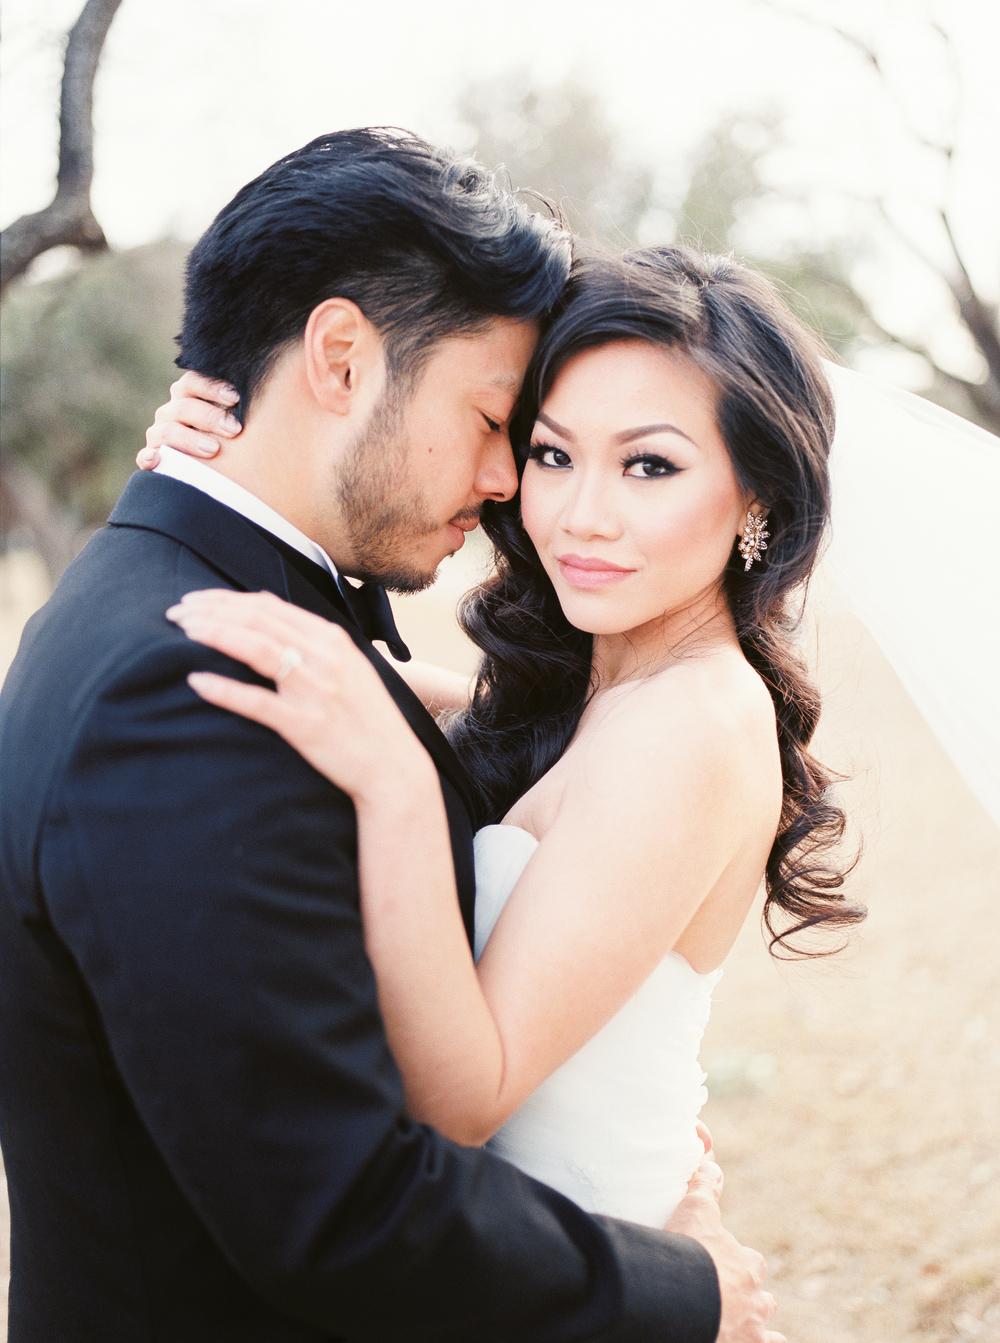 Yip Wedding301.jpg